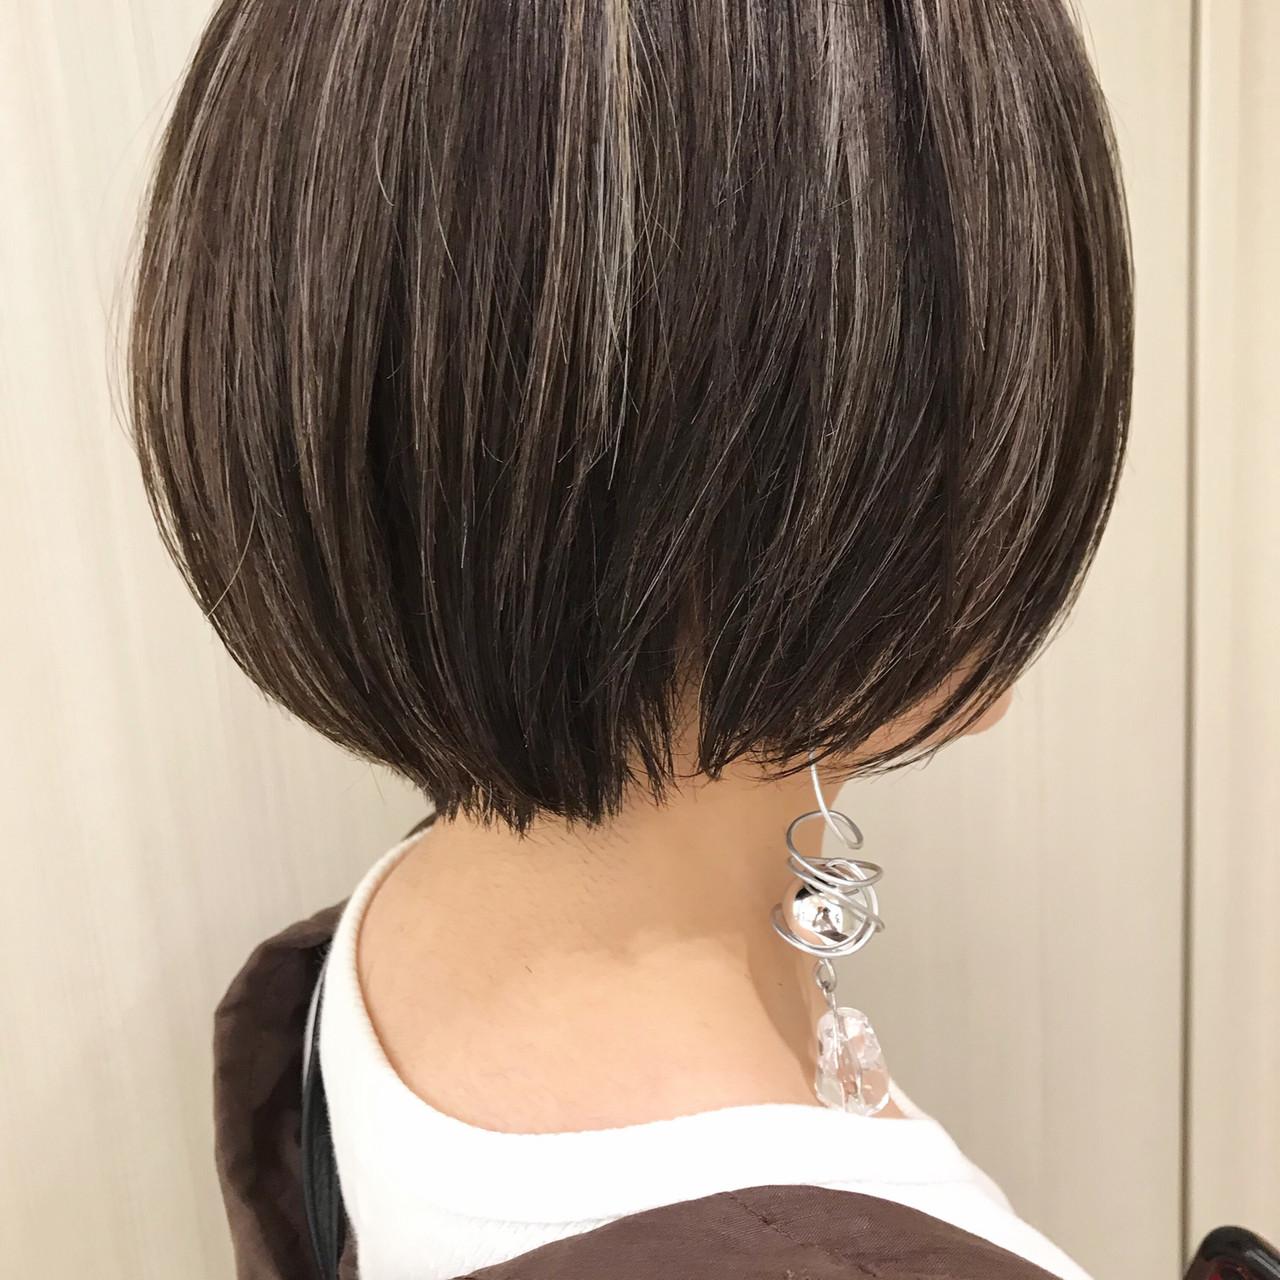 デート まとまるボブ ナチュラル 簡単スタイリング ヘアスタイルや髪型の写真・画像 | 宮崎 基文 / 『kakimoto arms  LaLa terrace武蔵小杉店』